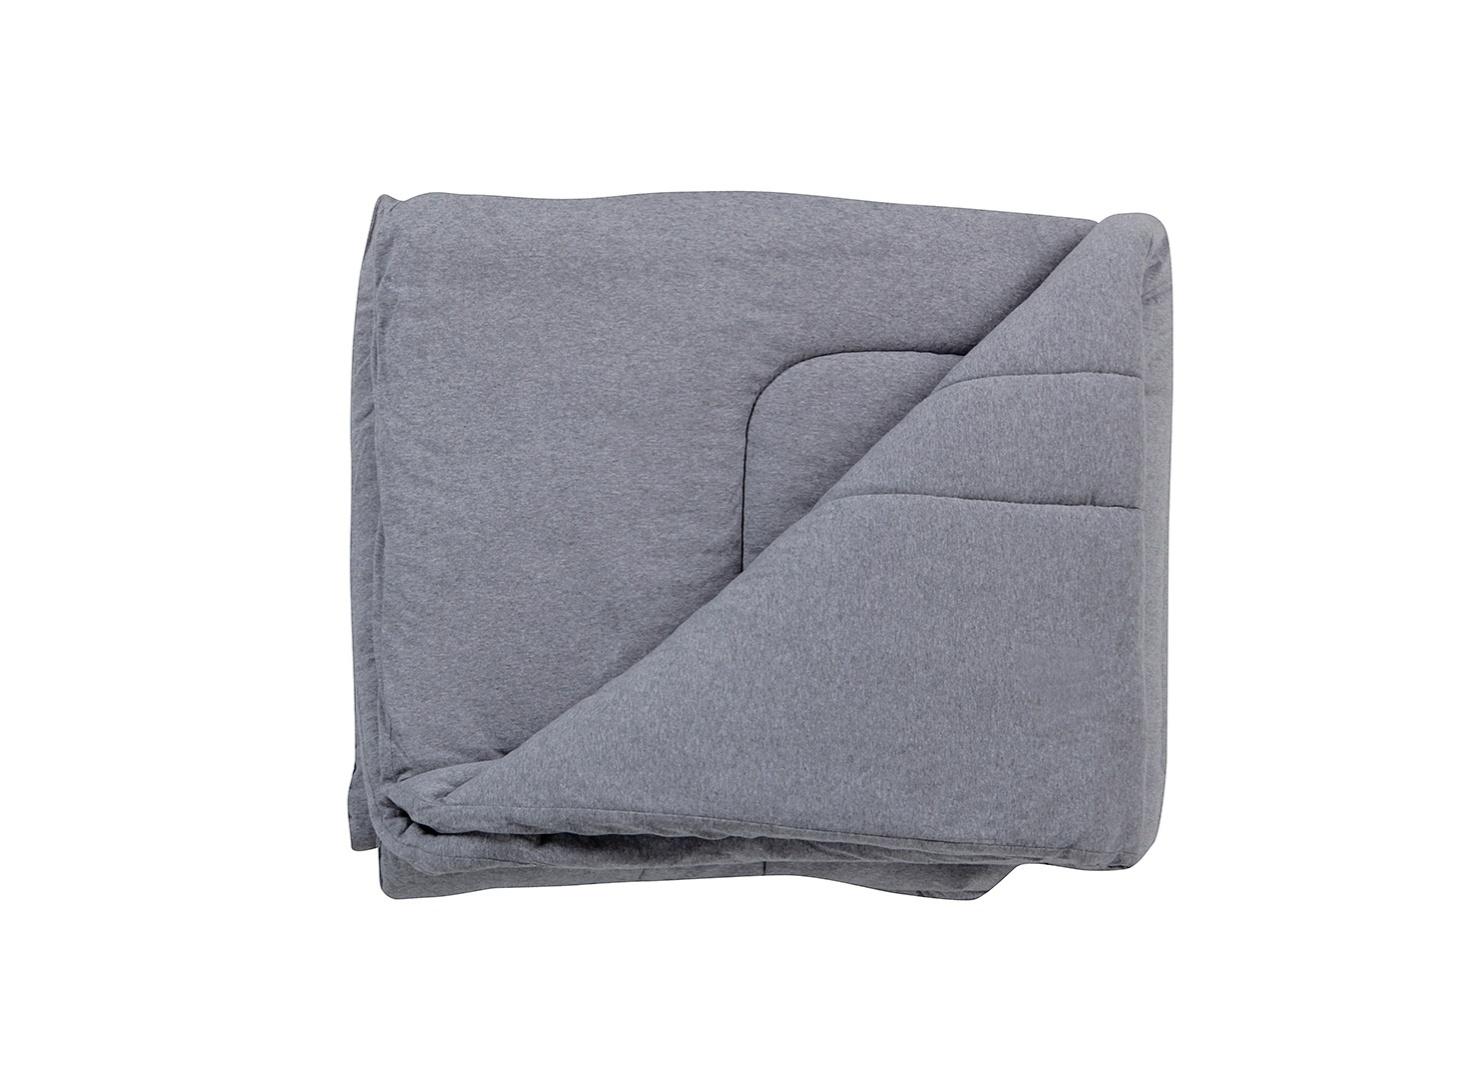 O edredom padrão casal é confeccionado em malha de algodão e possui enchimento de manta acrílica. O modelo está à venda na Tok & Stok (www.tokstok.com.br) | Consulte o fornecedor para outras informações